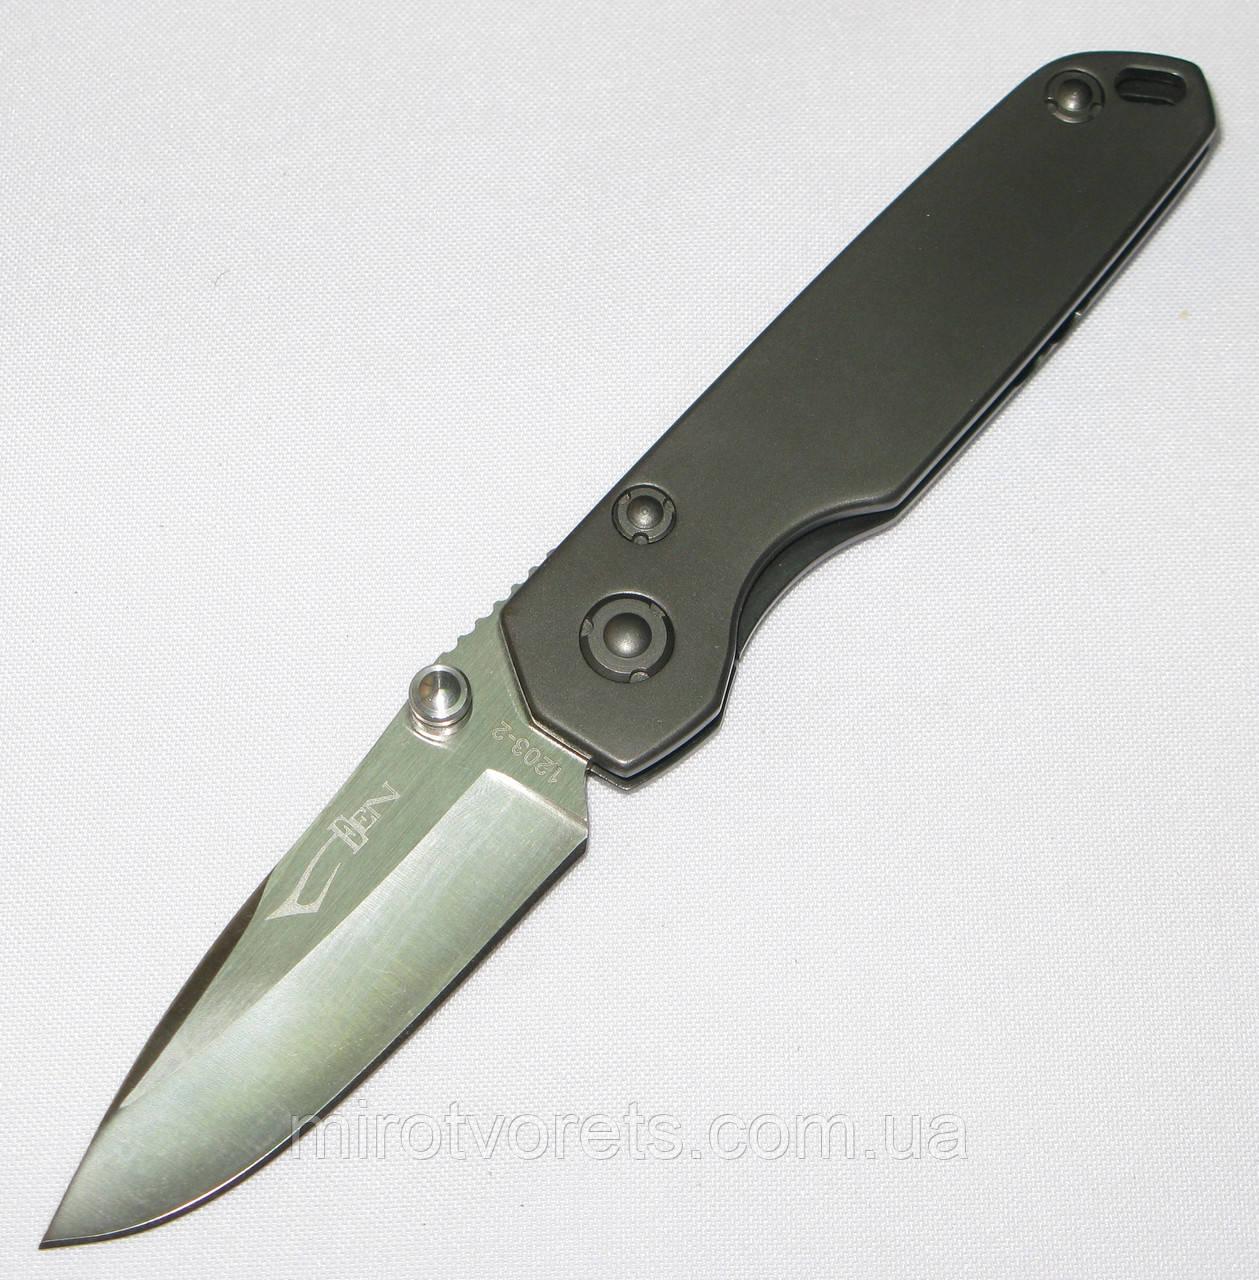 Складной нож Leen 1203-2